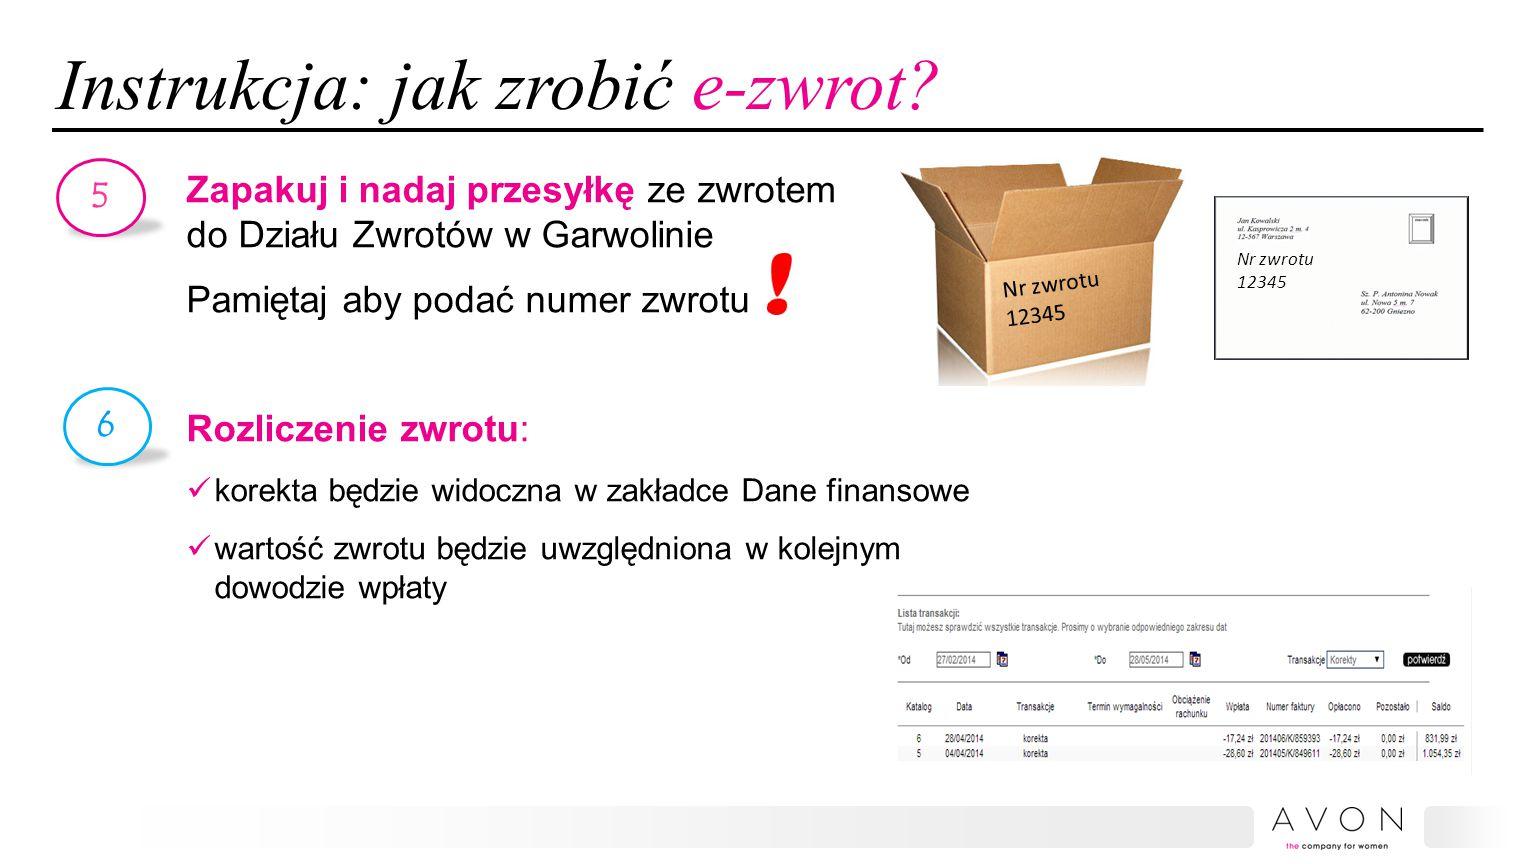 Instrukcja: jak zrobić e-zwrot